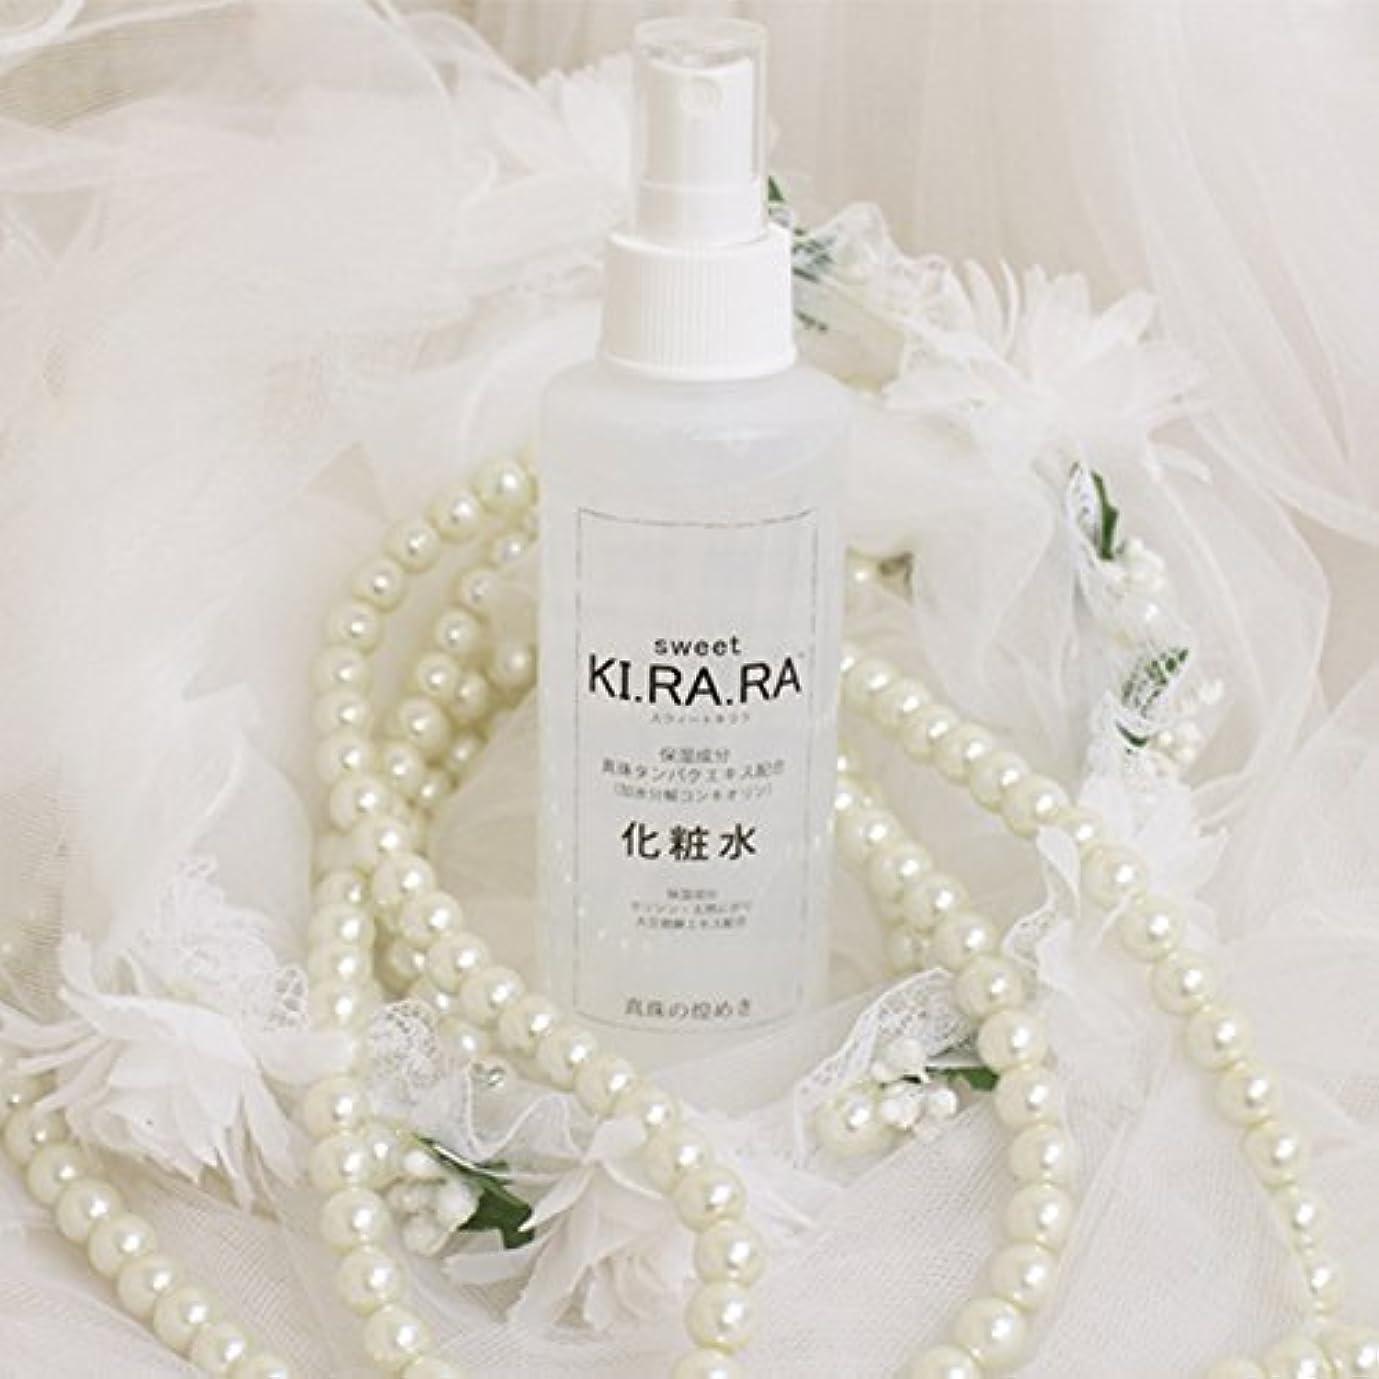 同志環境肯定的sweet KI.RA.RA スウィートキララ 化粧水 ナチュラルローション 真珠タンパクエキス配合 150ml